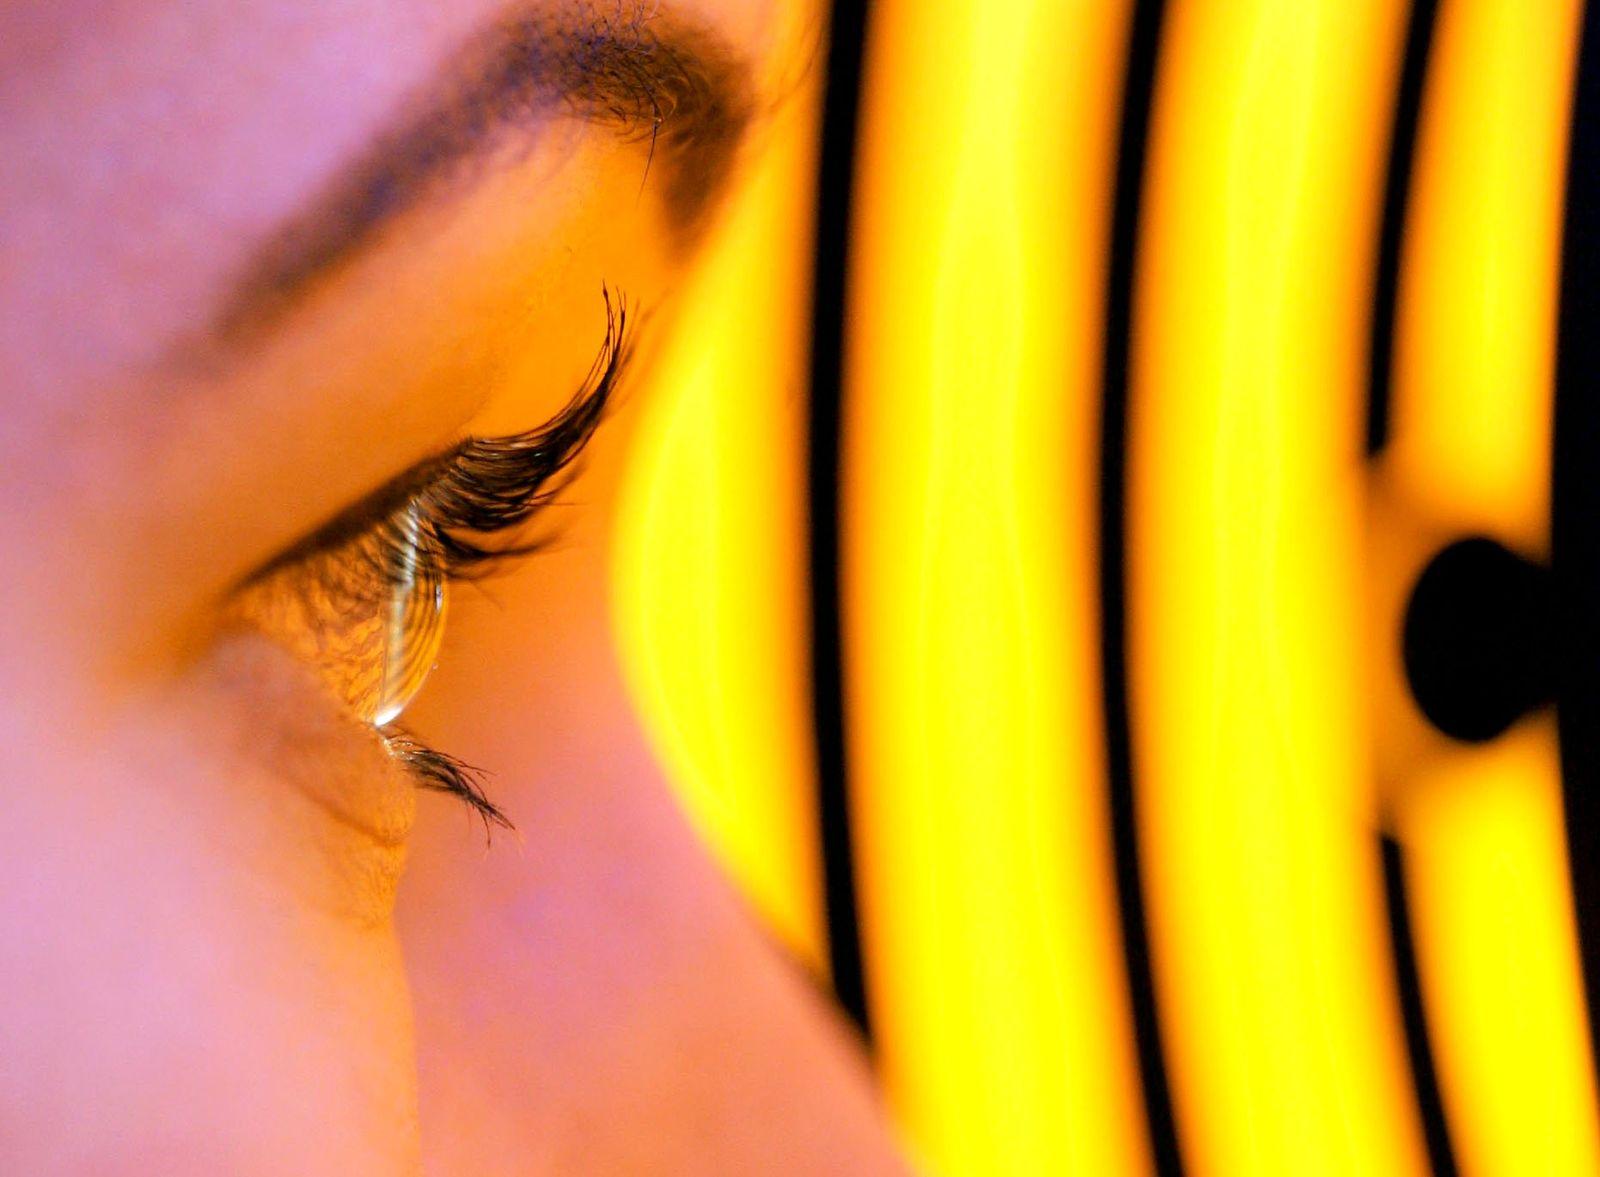 Untersuchung / Augenarzt / Hornhaut